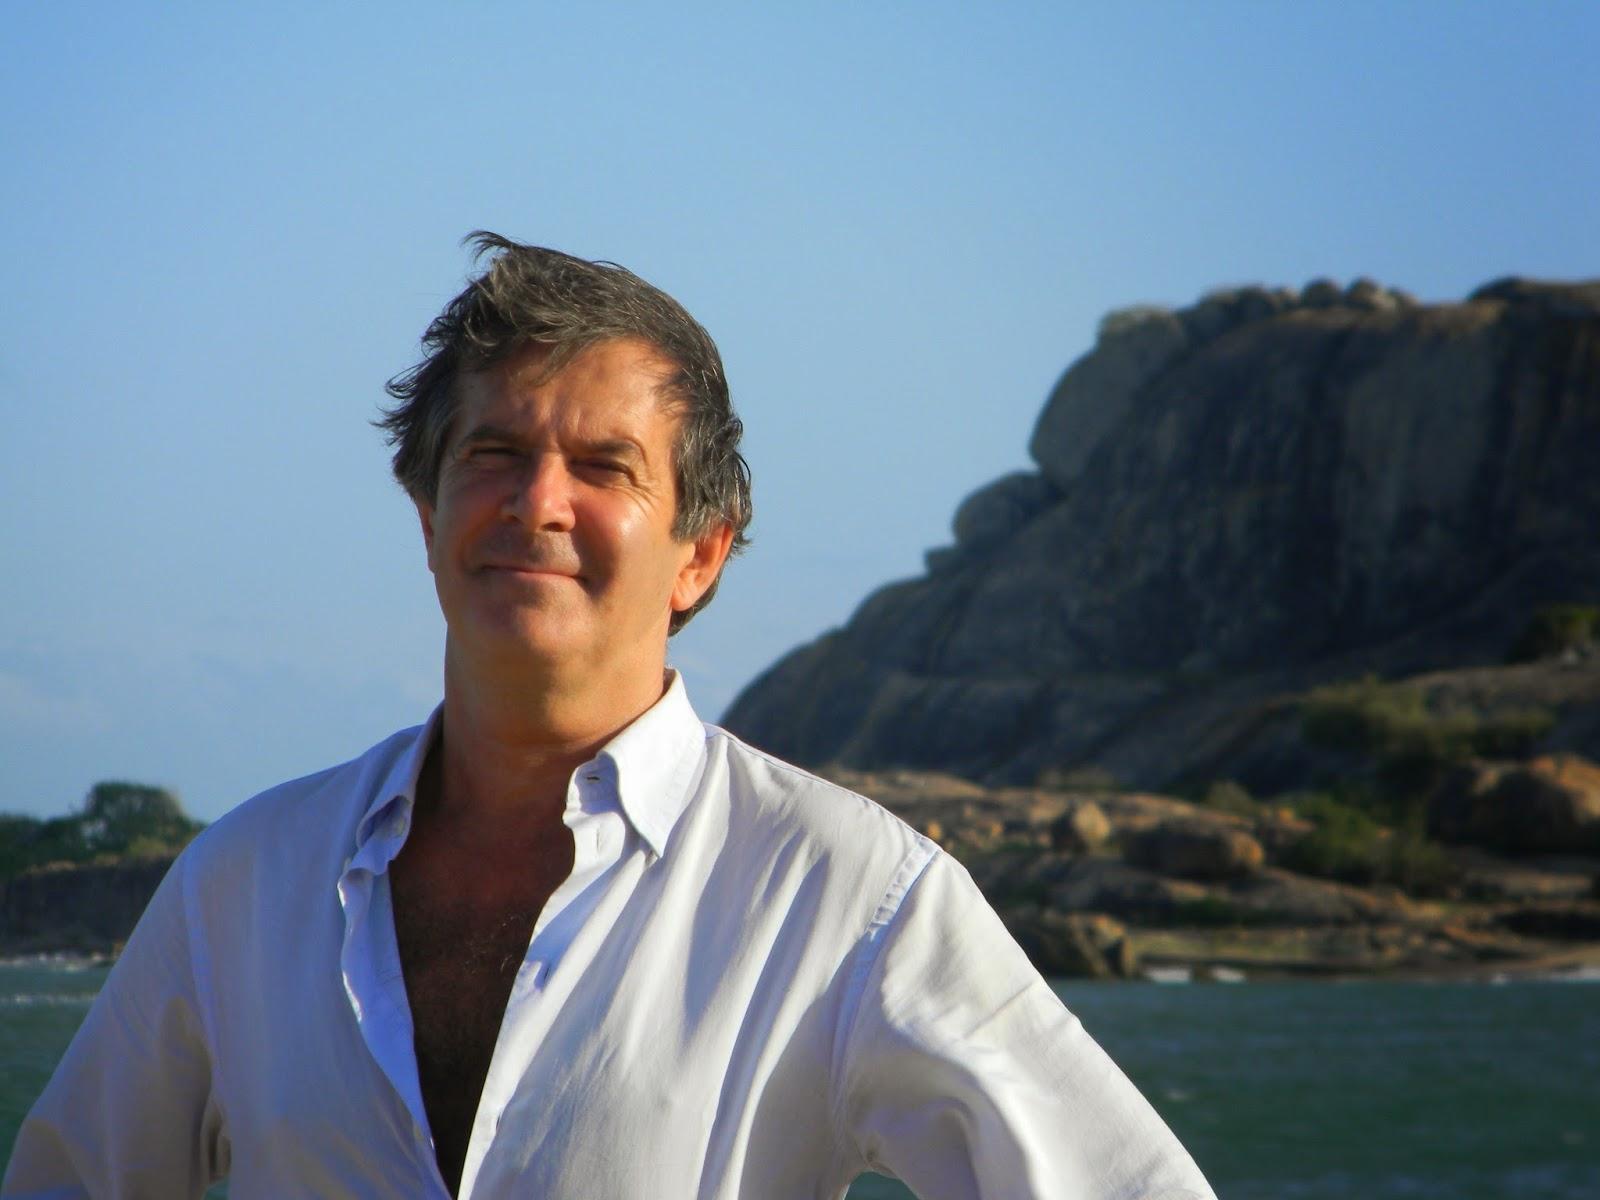 Gilles Popineau d'Arthon